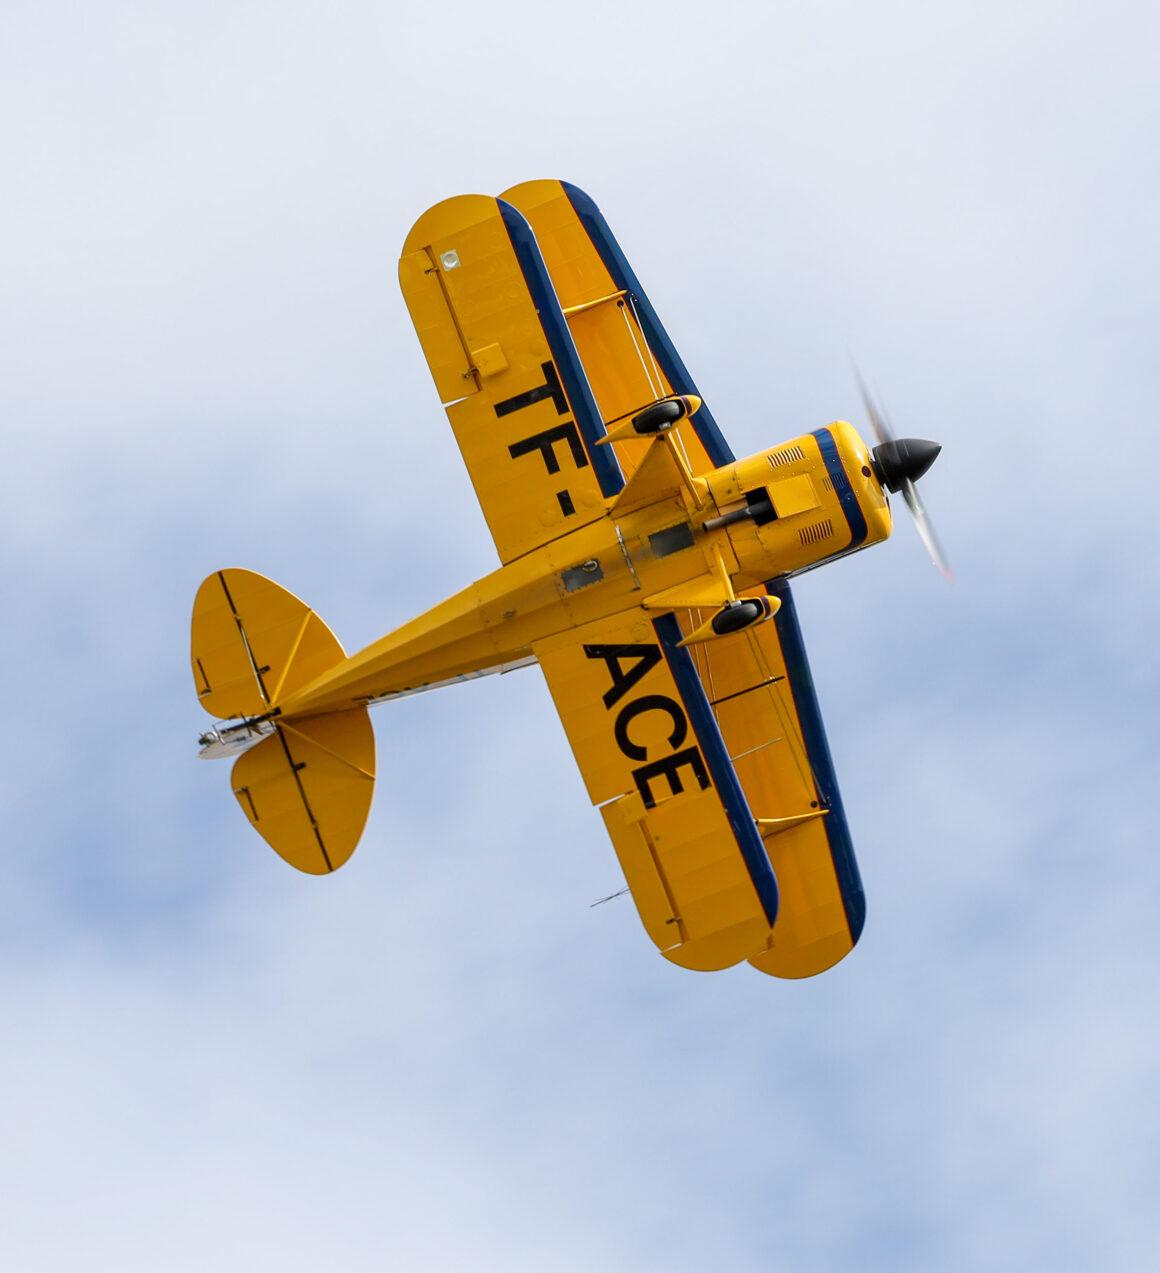 """Pitts S-2A reg. TF-ACE at airshow """"Allt sem flygur 2021"""" in Hella // Source: Jón Sverrir Sigurðarson"""